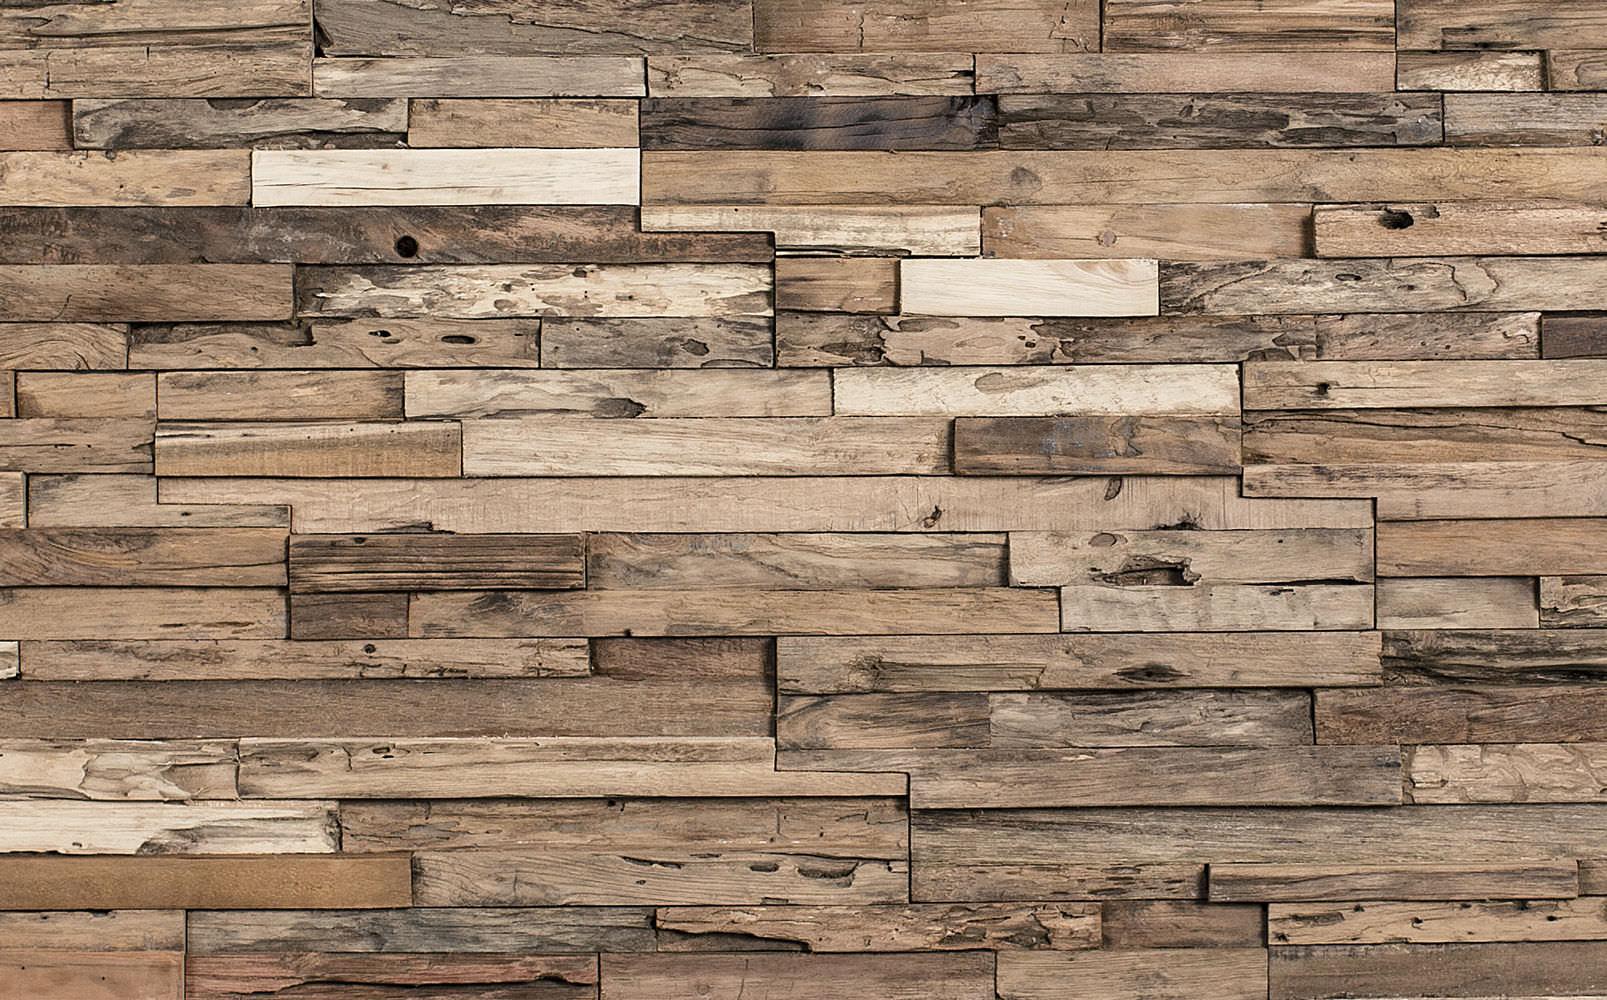 wood wall 1.jpg